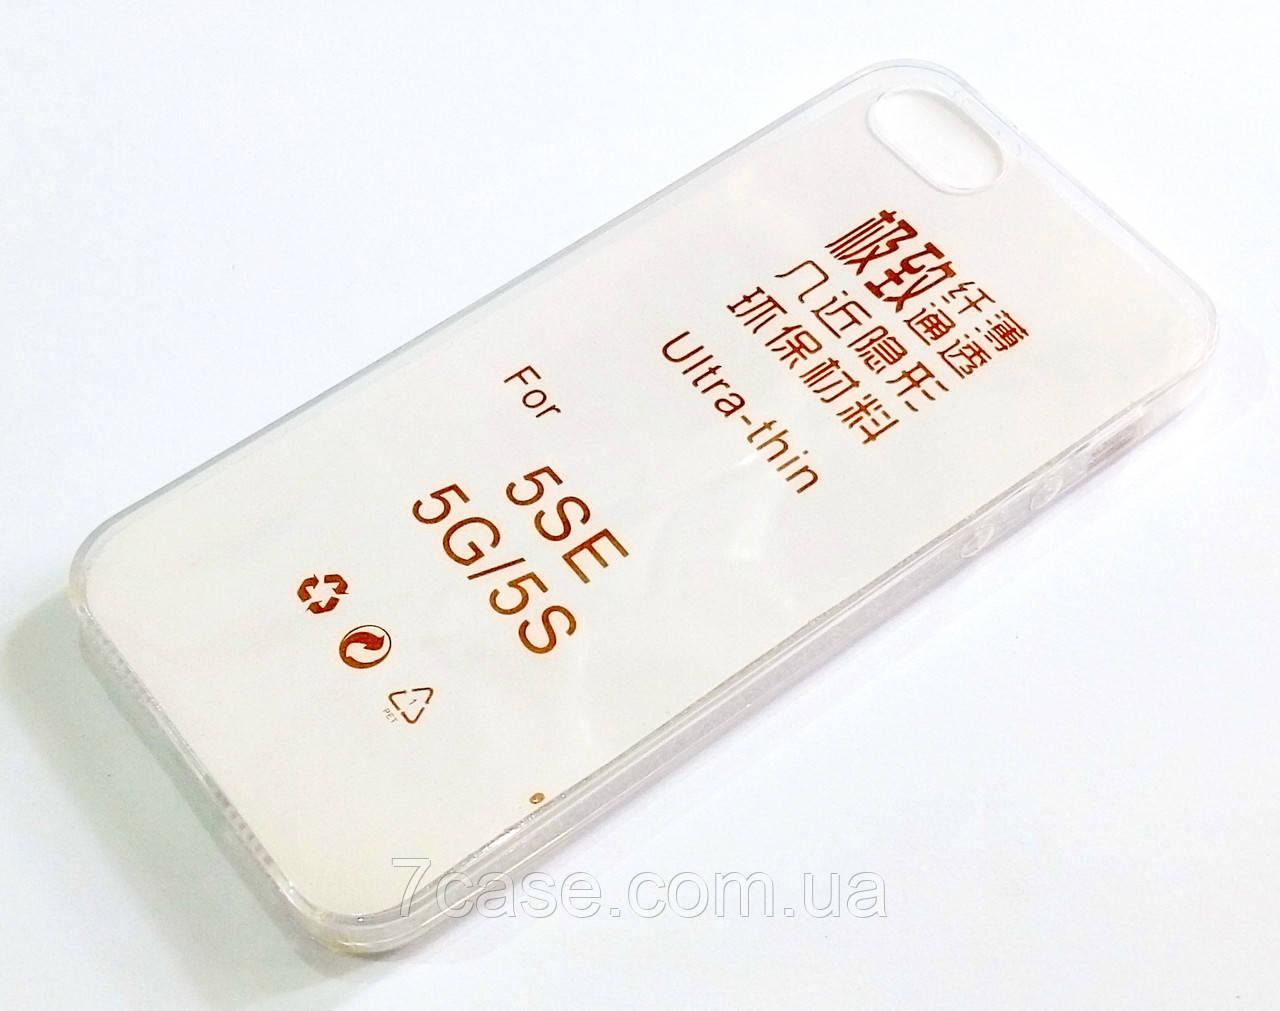 Чехол для iPhone 5 / 5s / SE силиконовый ультратонкий прозрачный